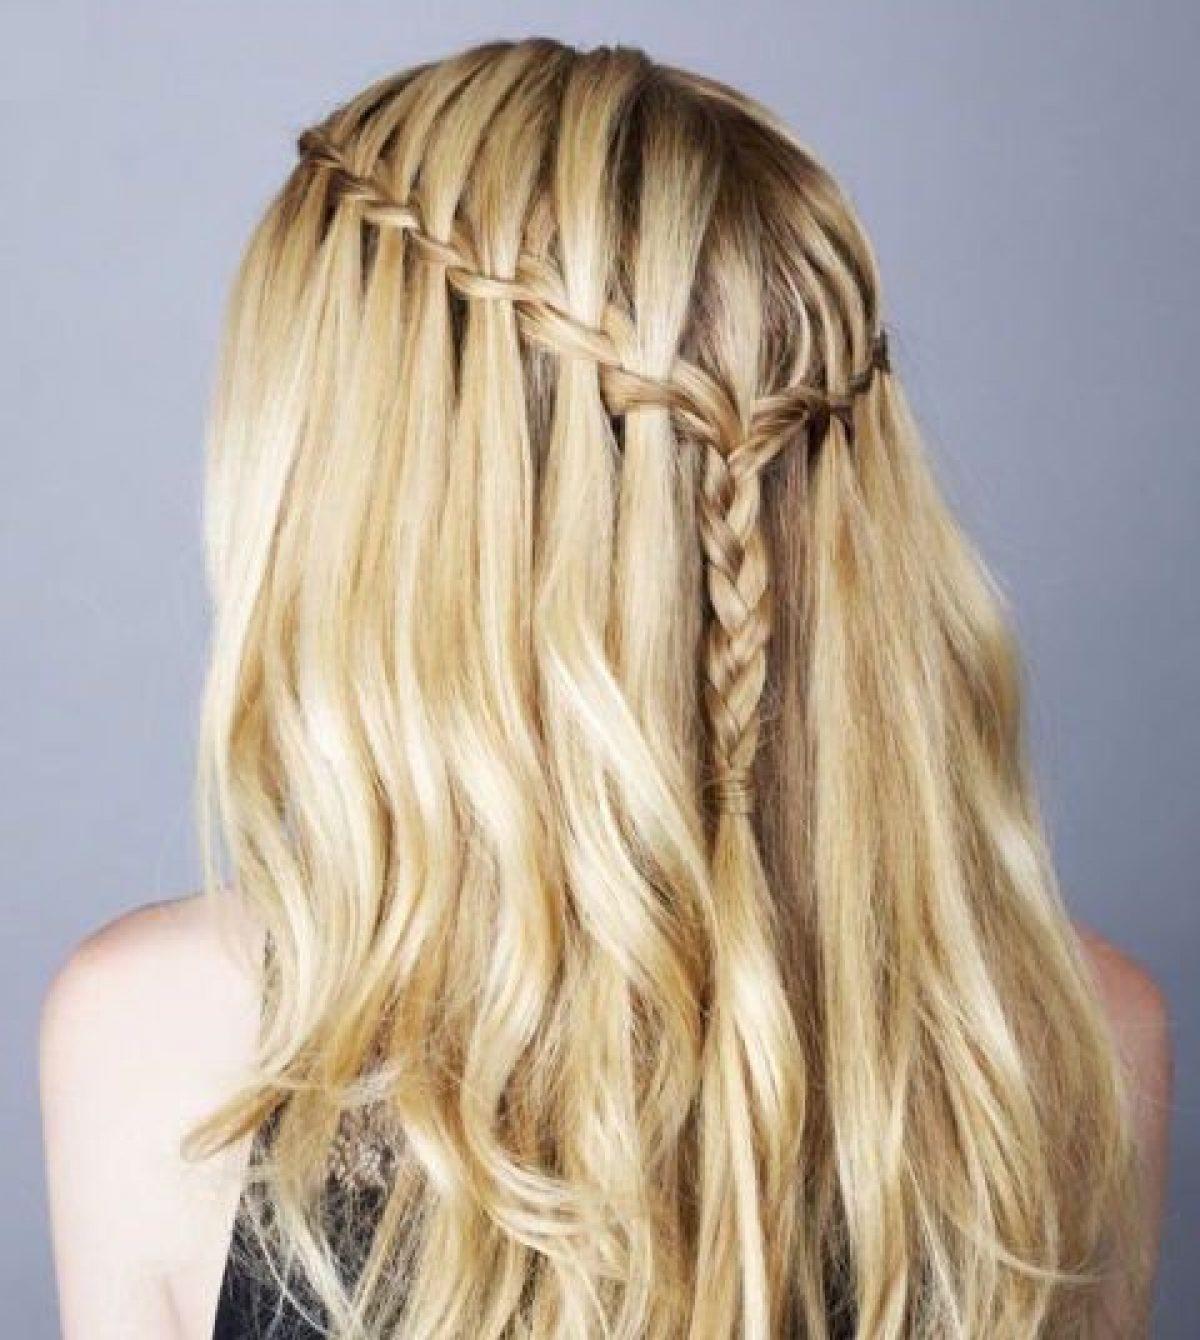 7 kiểu tóc đi chơi Tết ấn tượng cho nàng dịp đầu năm mới - Ảnh 5.